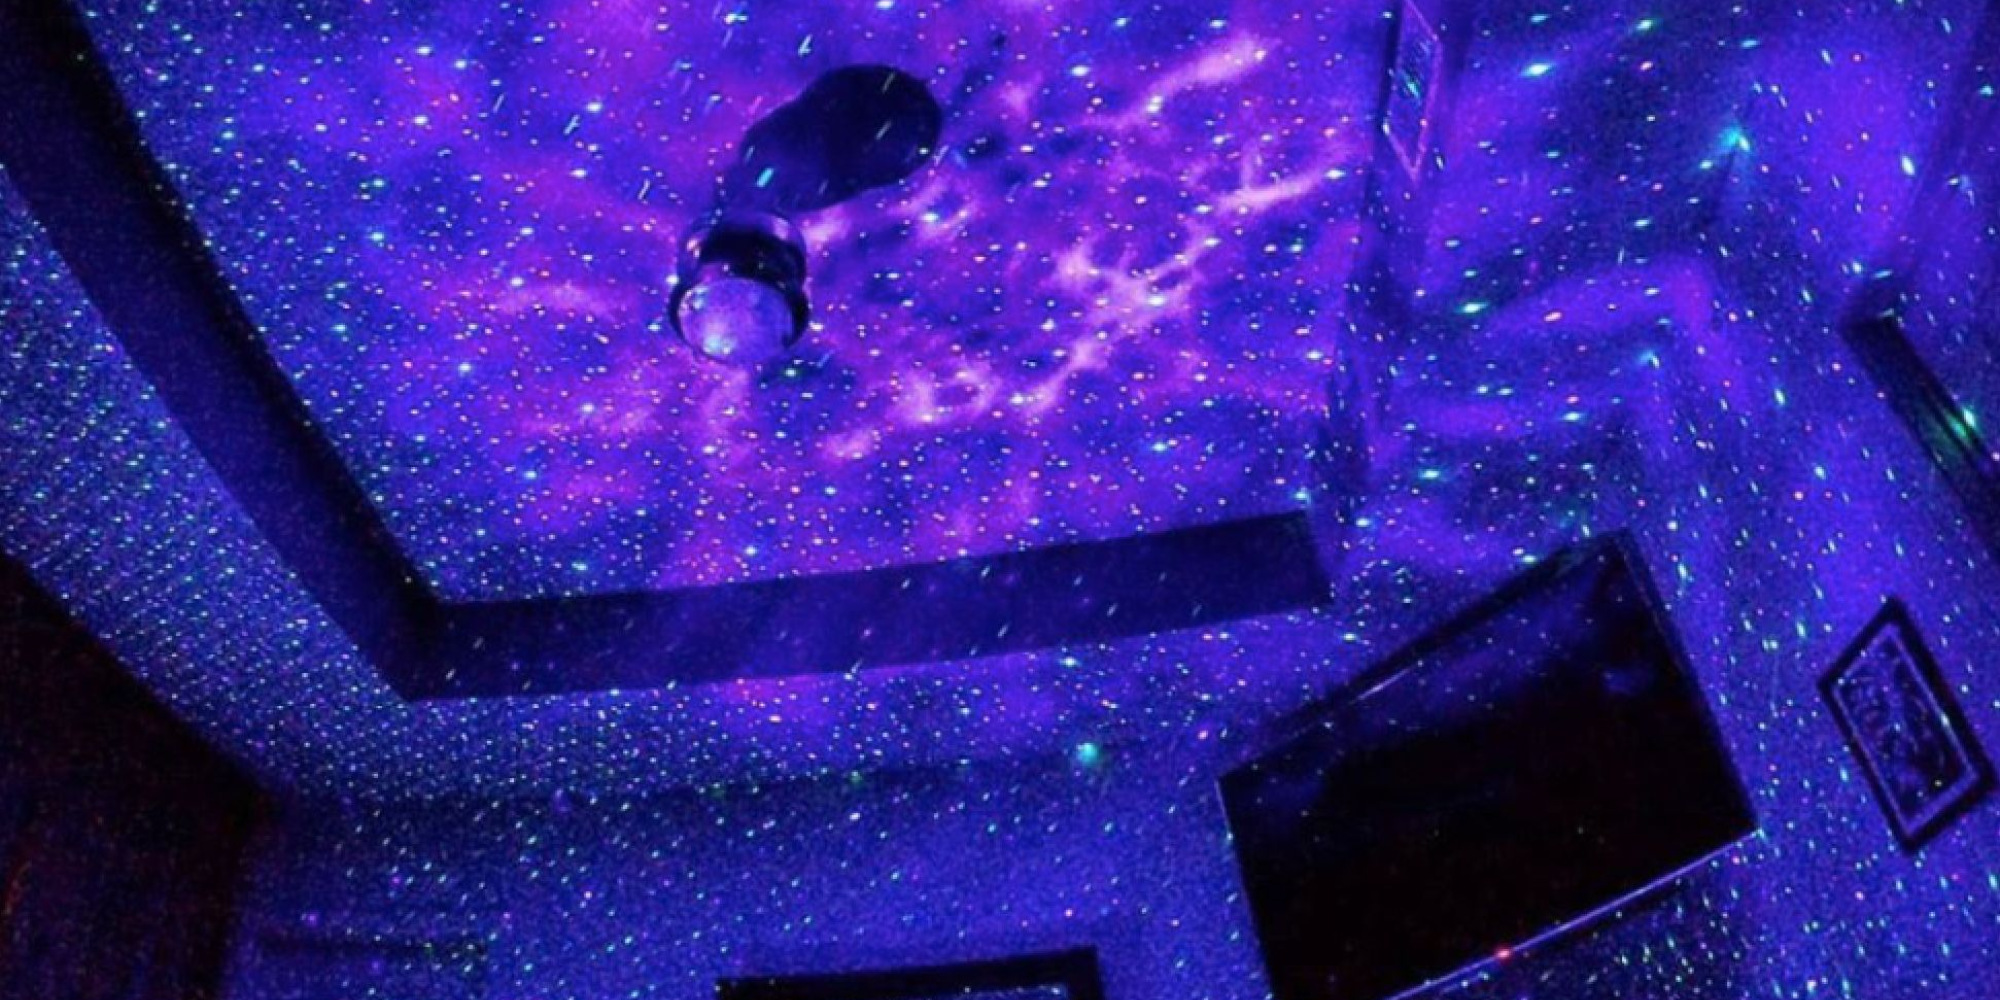 بروجيكتور إضاءة النجوم